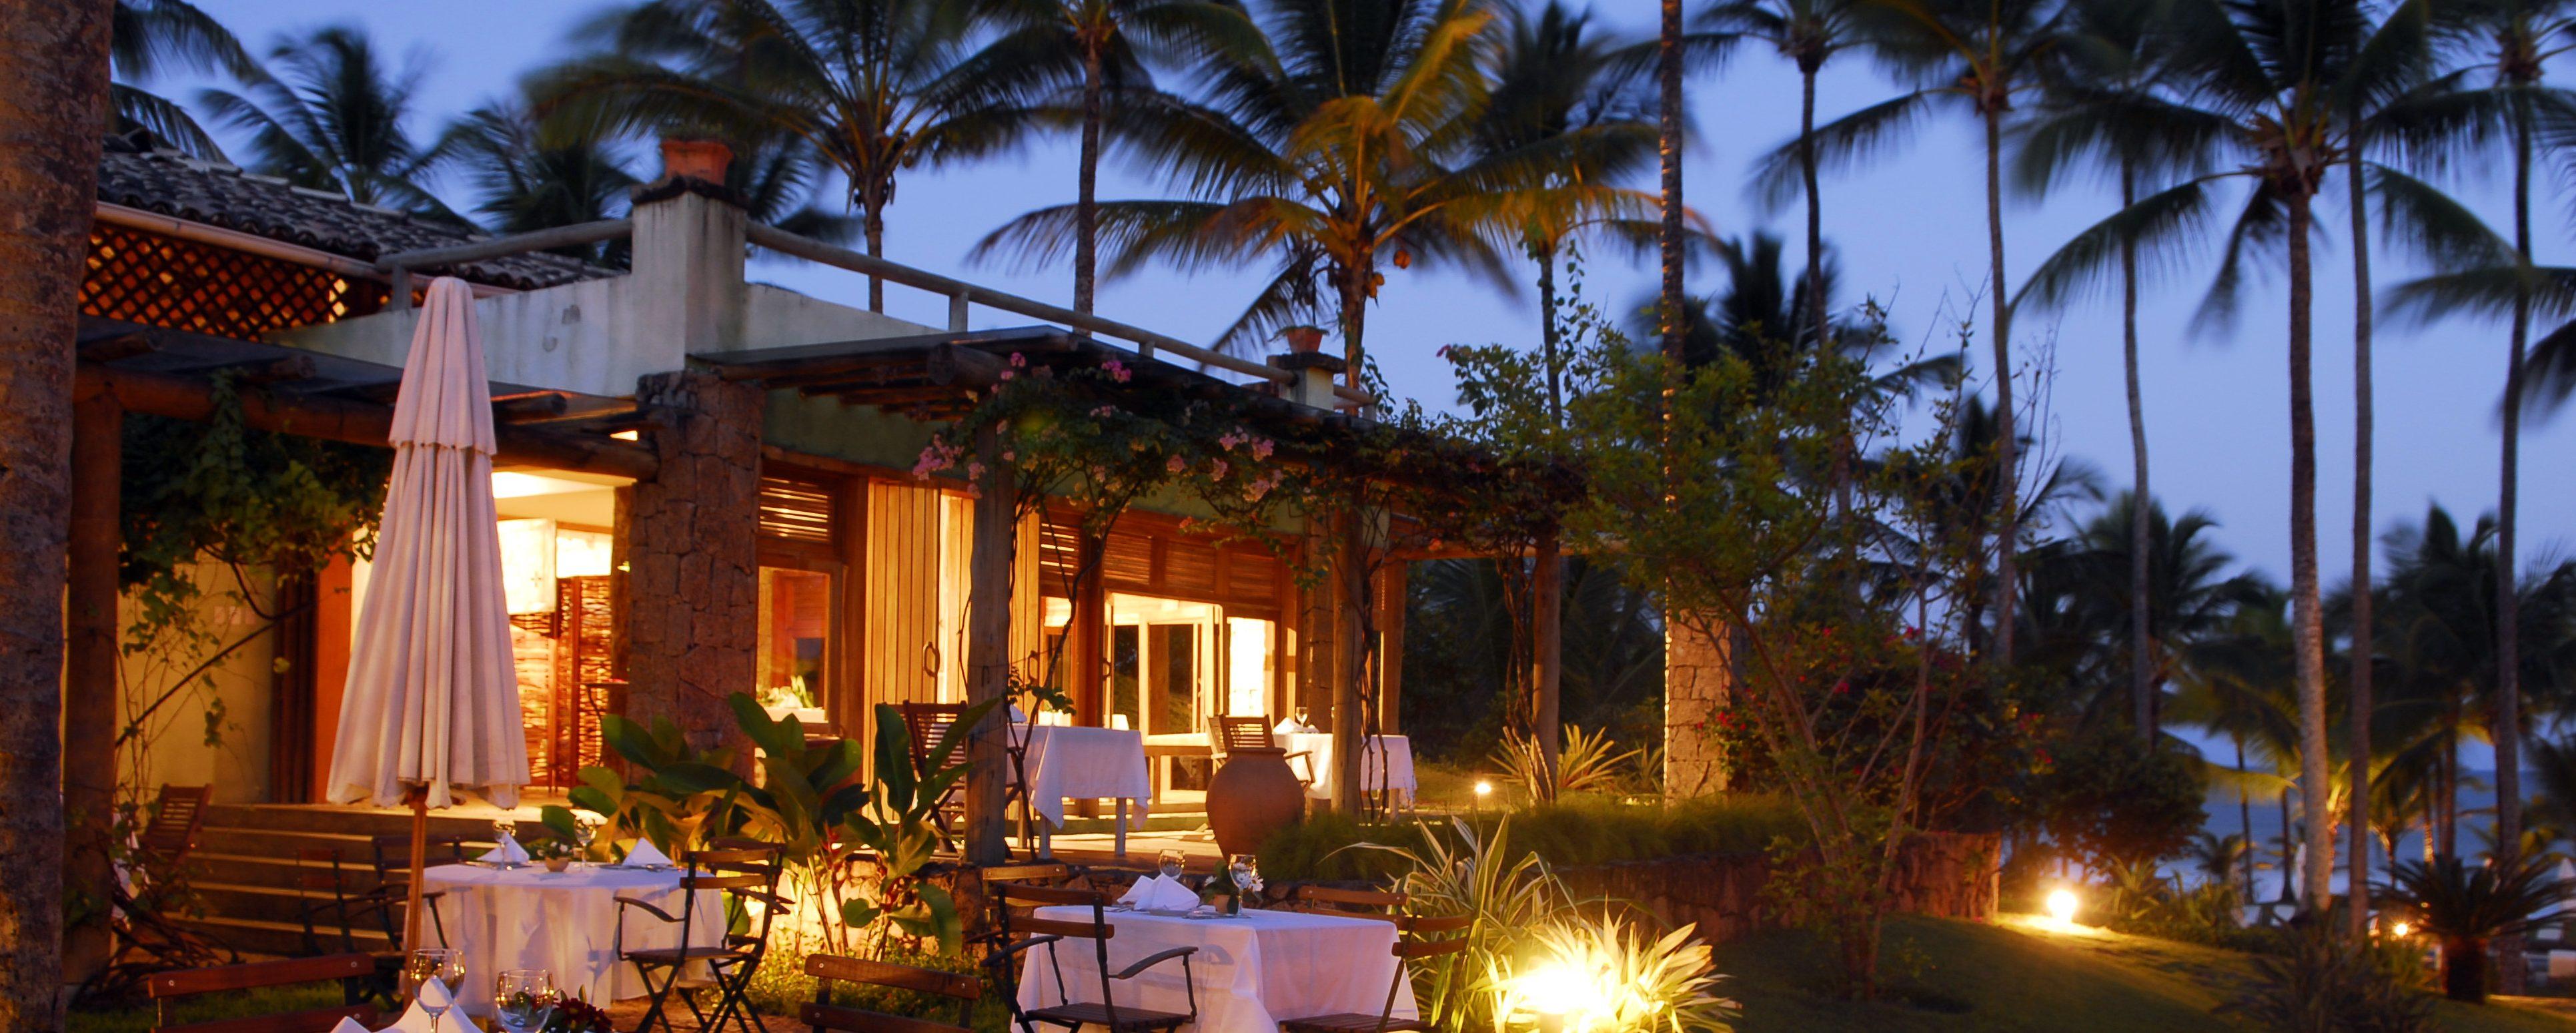 Txai Itacare Resort Tour-Restaurant